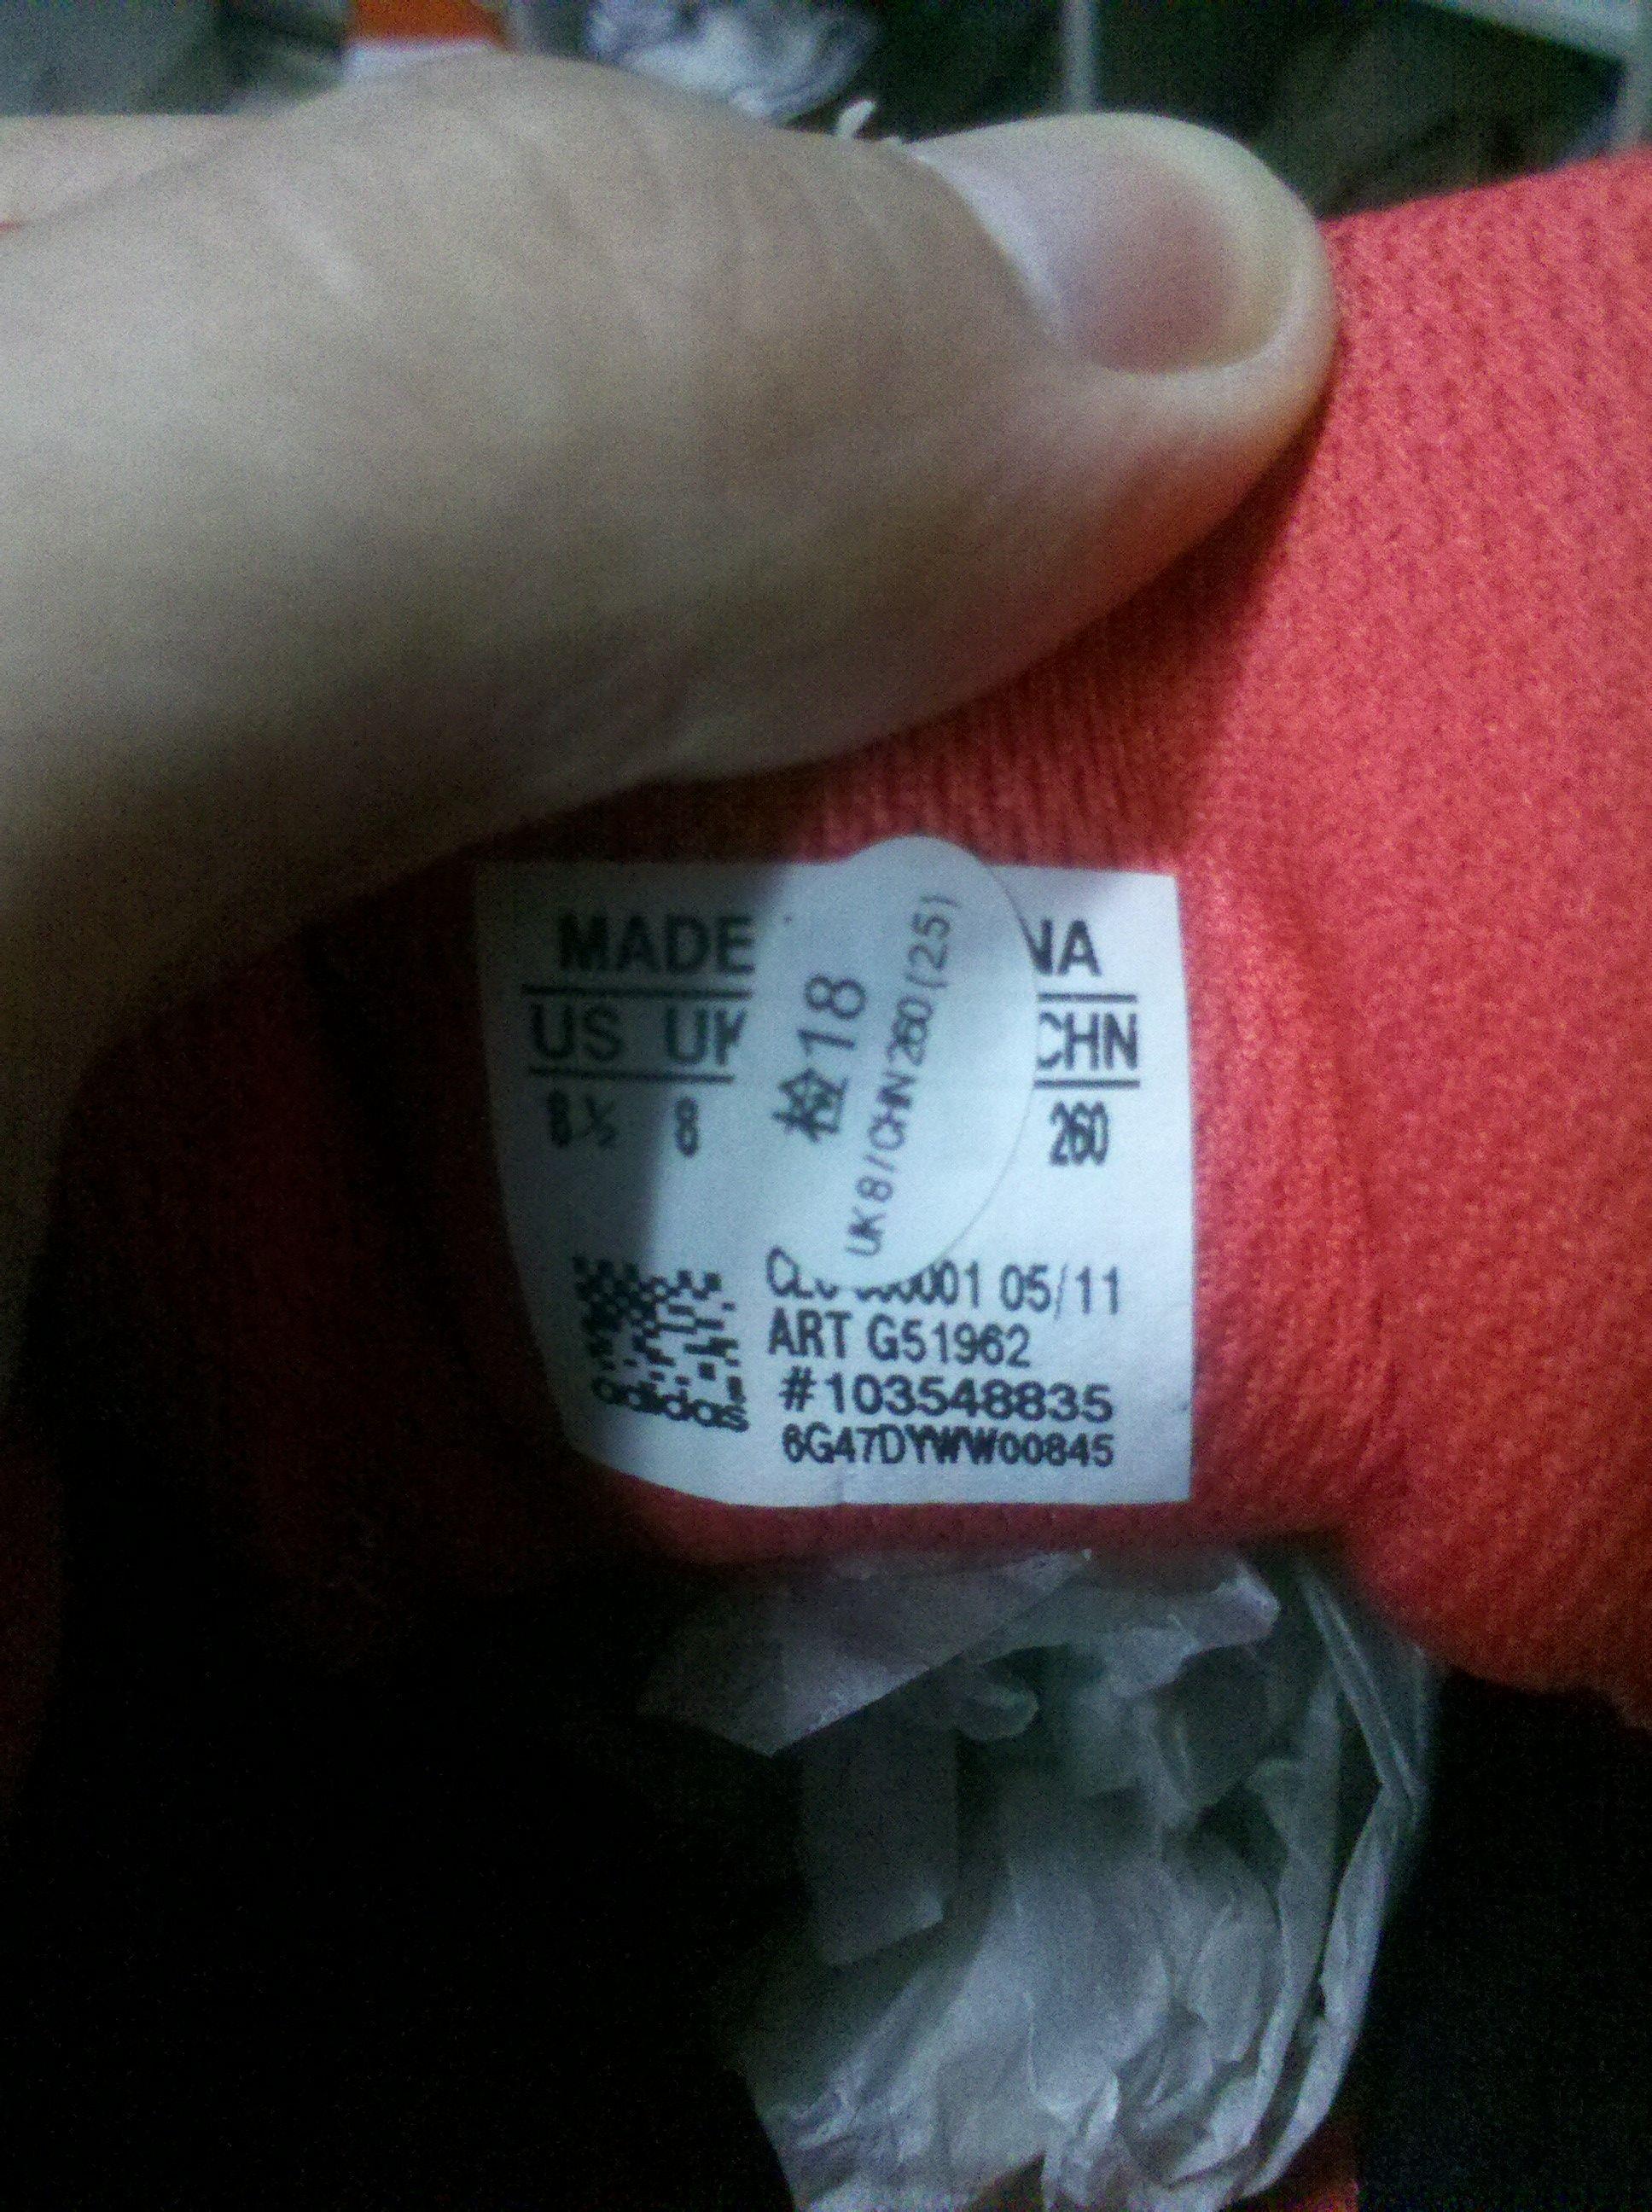 在网上买了双阿迪达斯的跑步鞋,今天刚拿到,感觉鞋底很硬,不